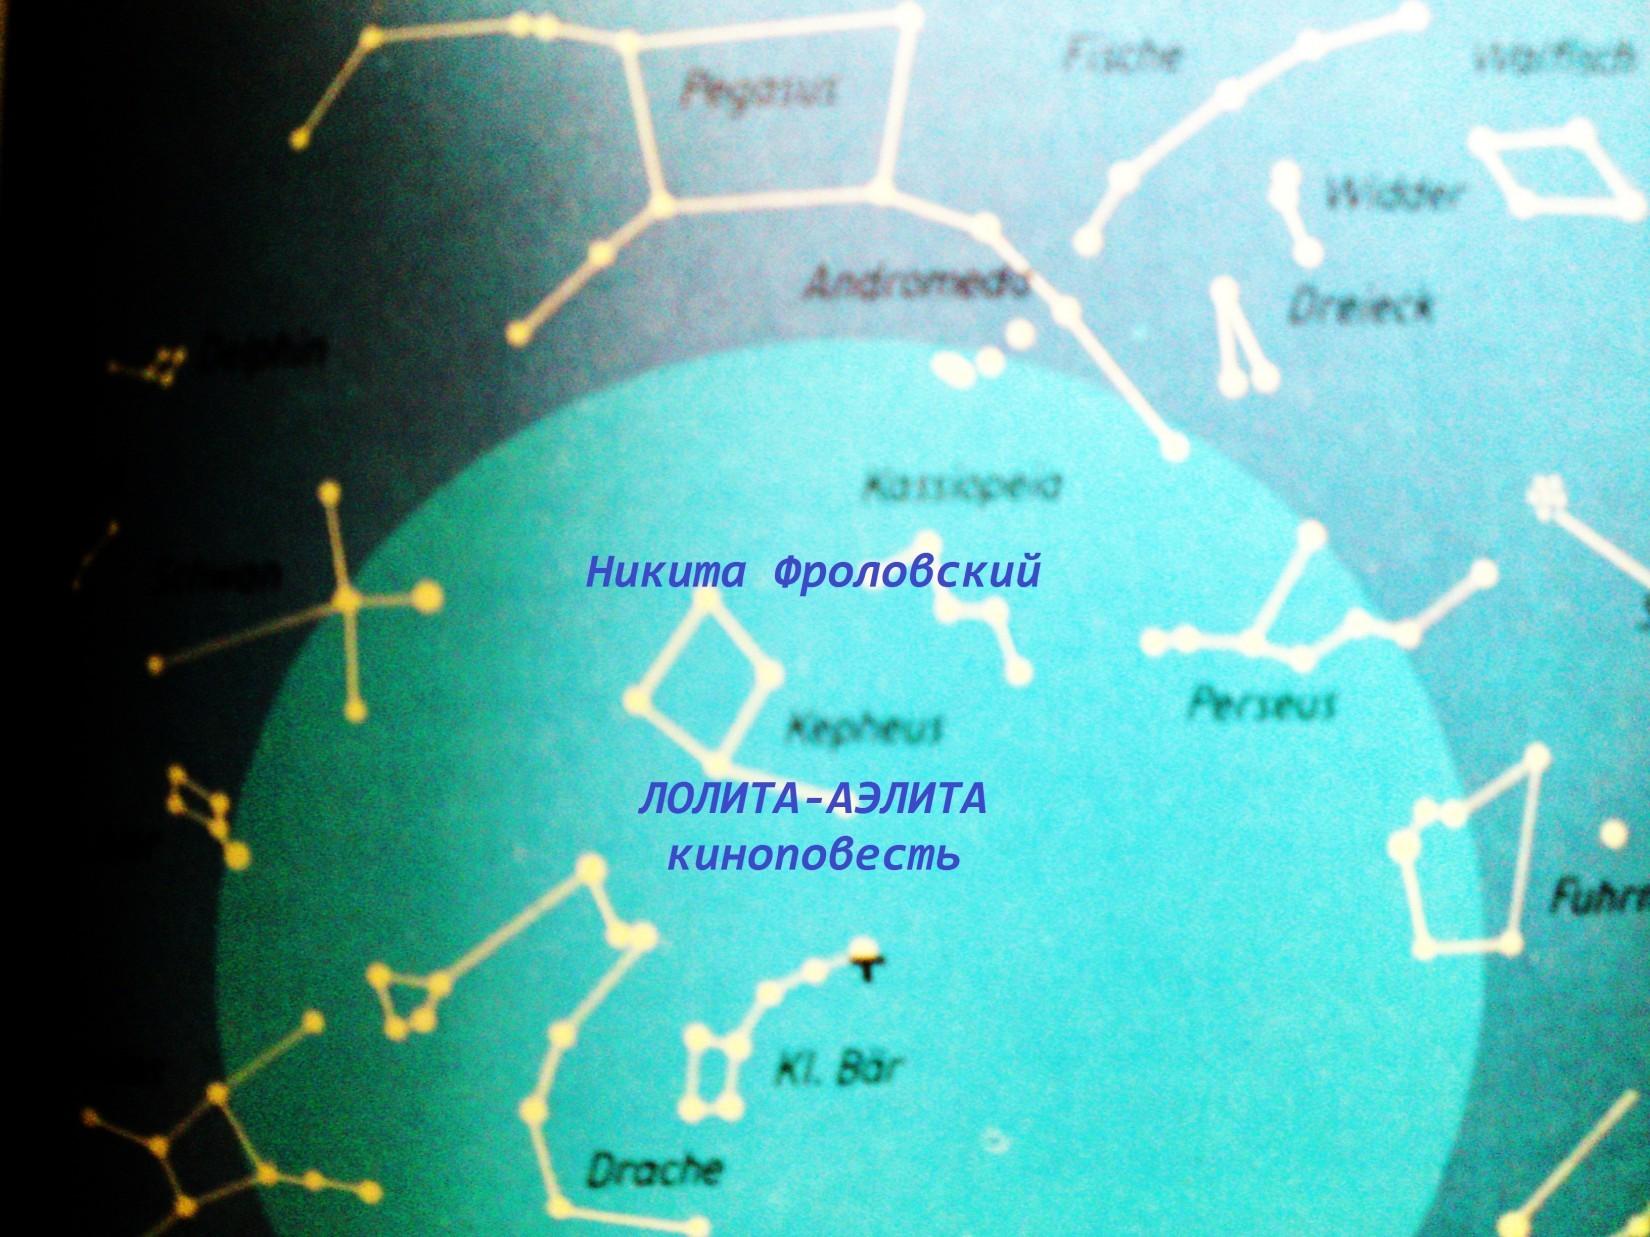 Никита Фроловский Лолита-Аэлита мюриэль зюрхер земляне инструкция по применению руководство для инопланетян как выжить среди людей